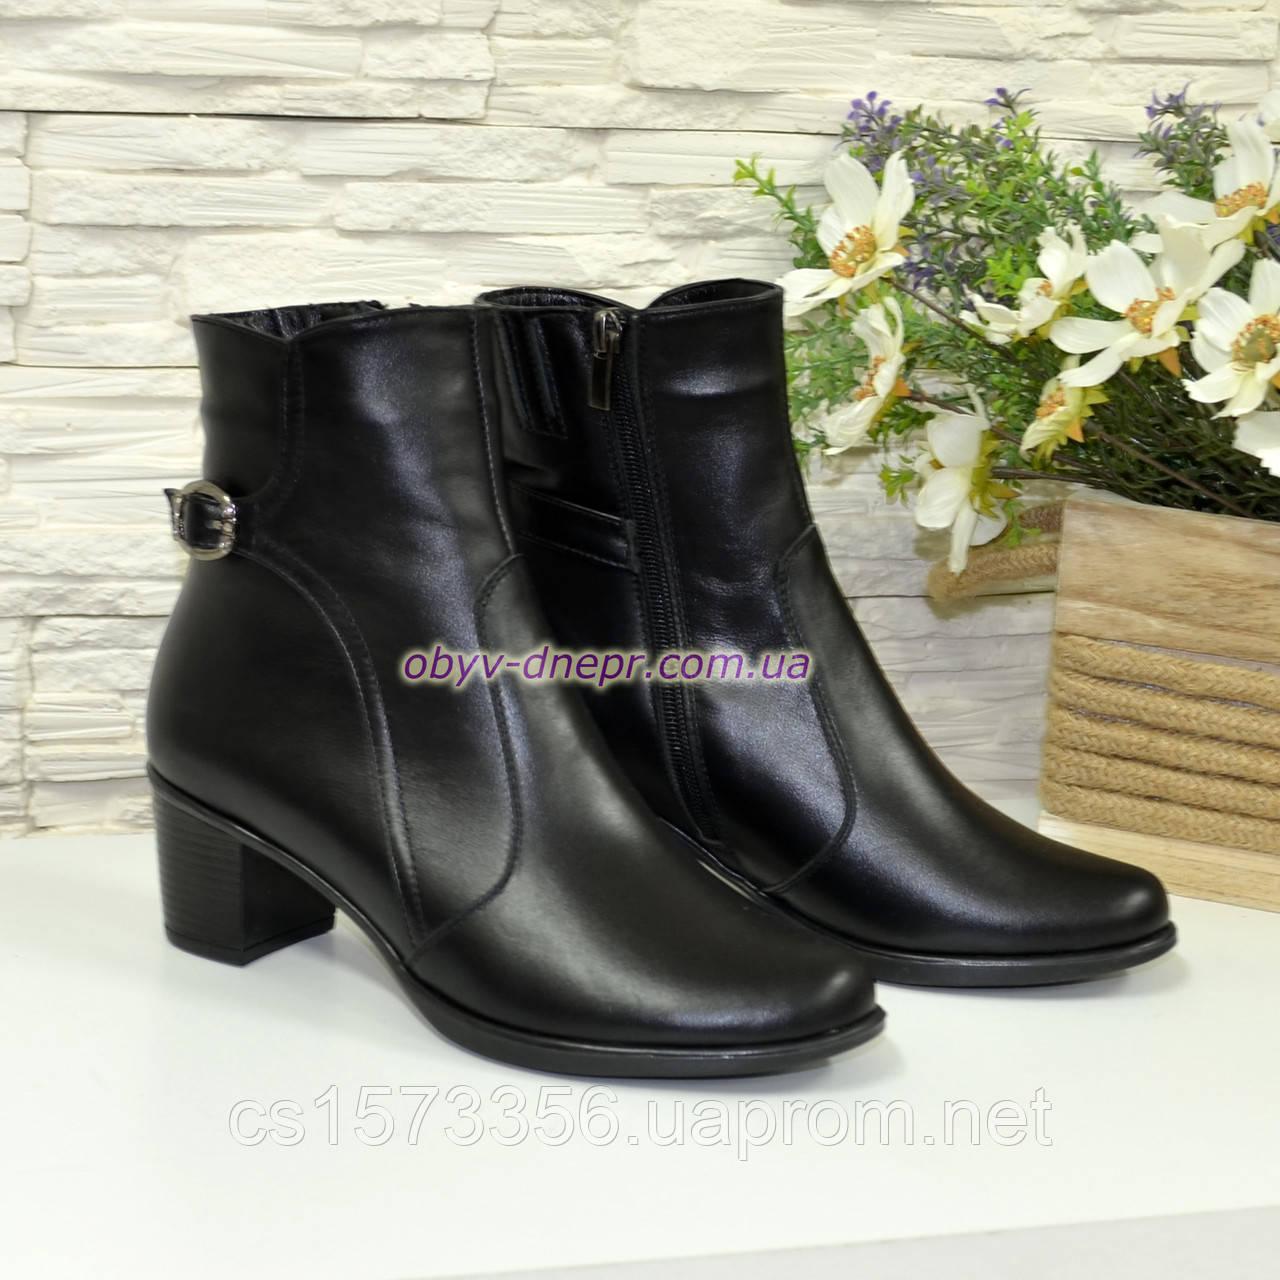 Жіночі демісезонні черевики, декоровані ремінцем